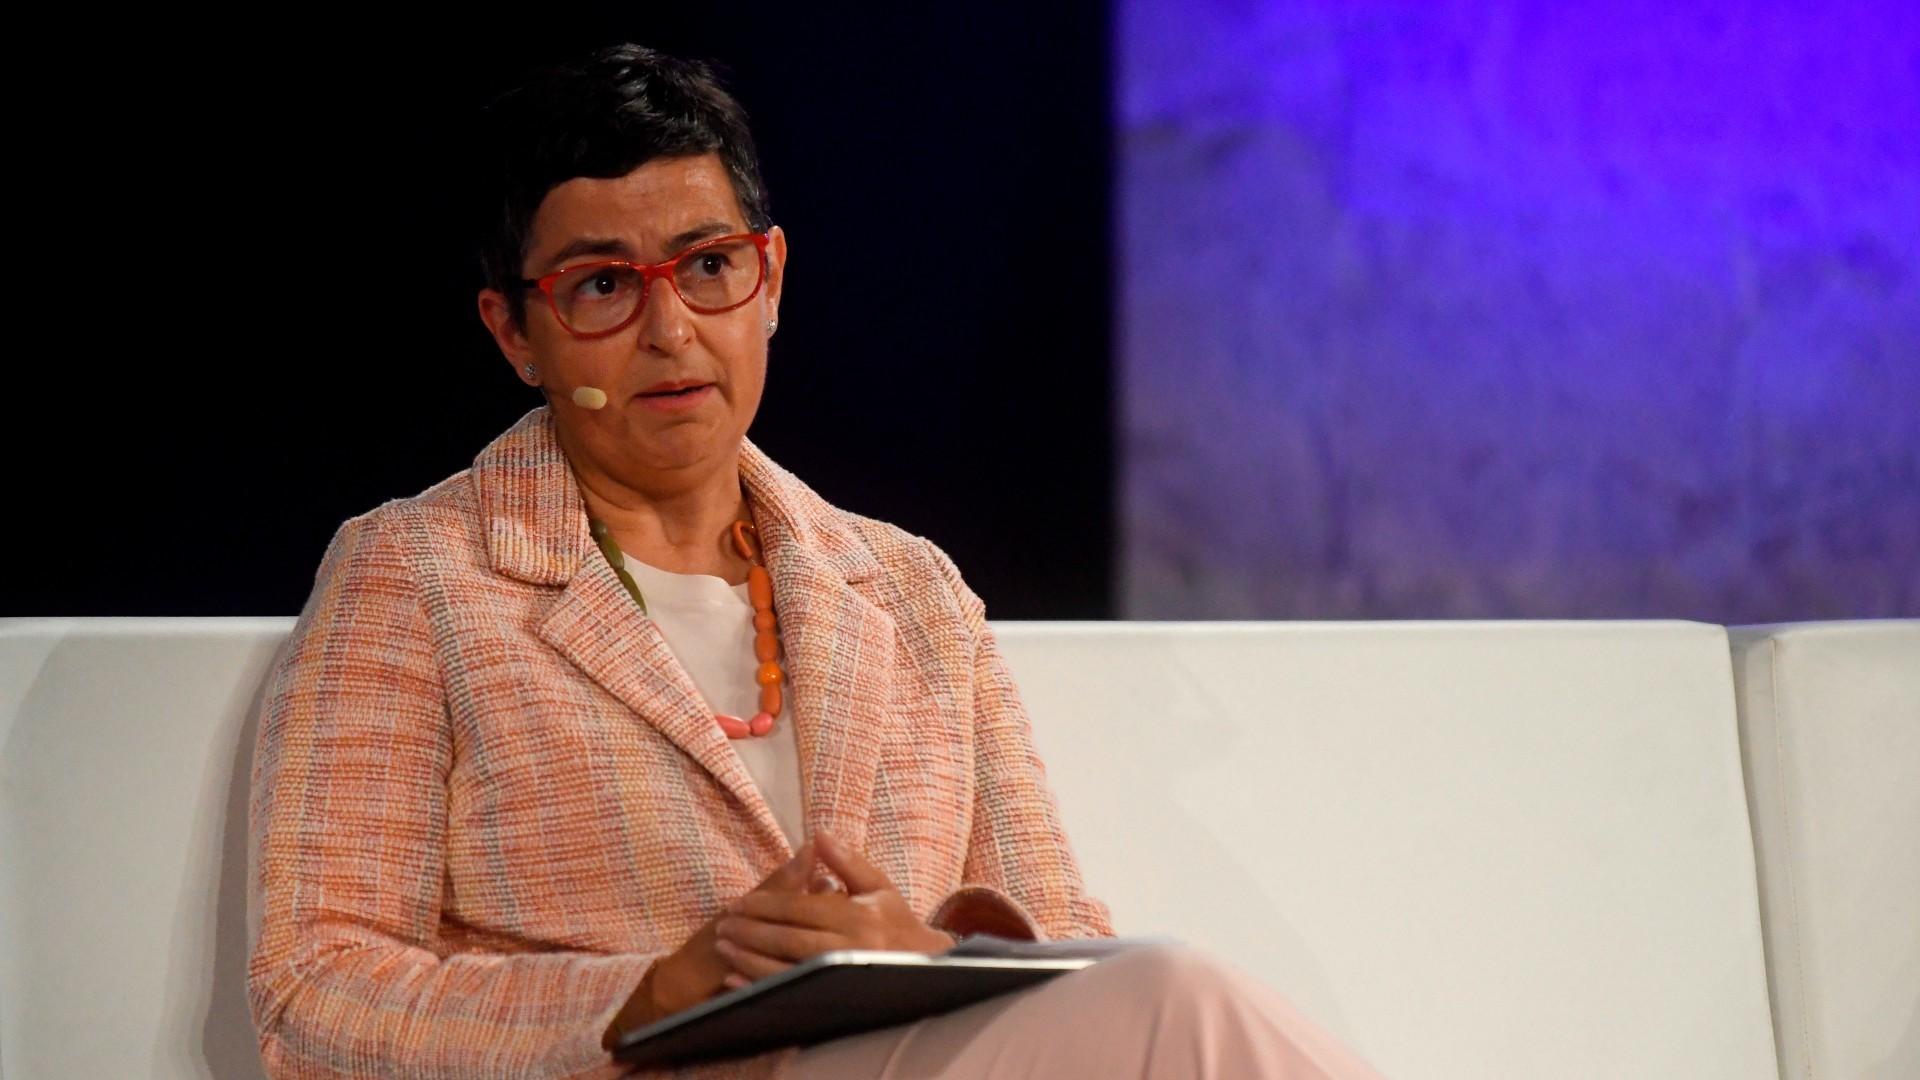 Imputada la exministra González Laya por la entrada del líder del Polisario en España